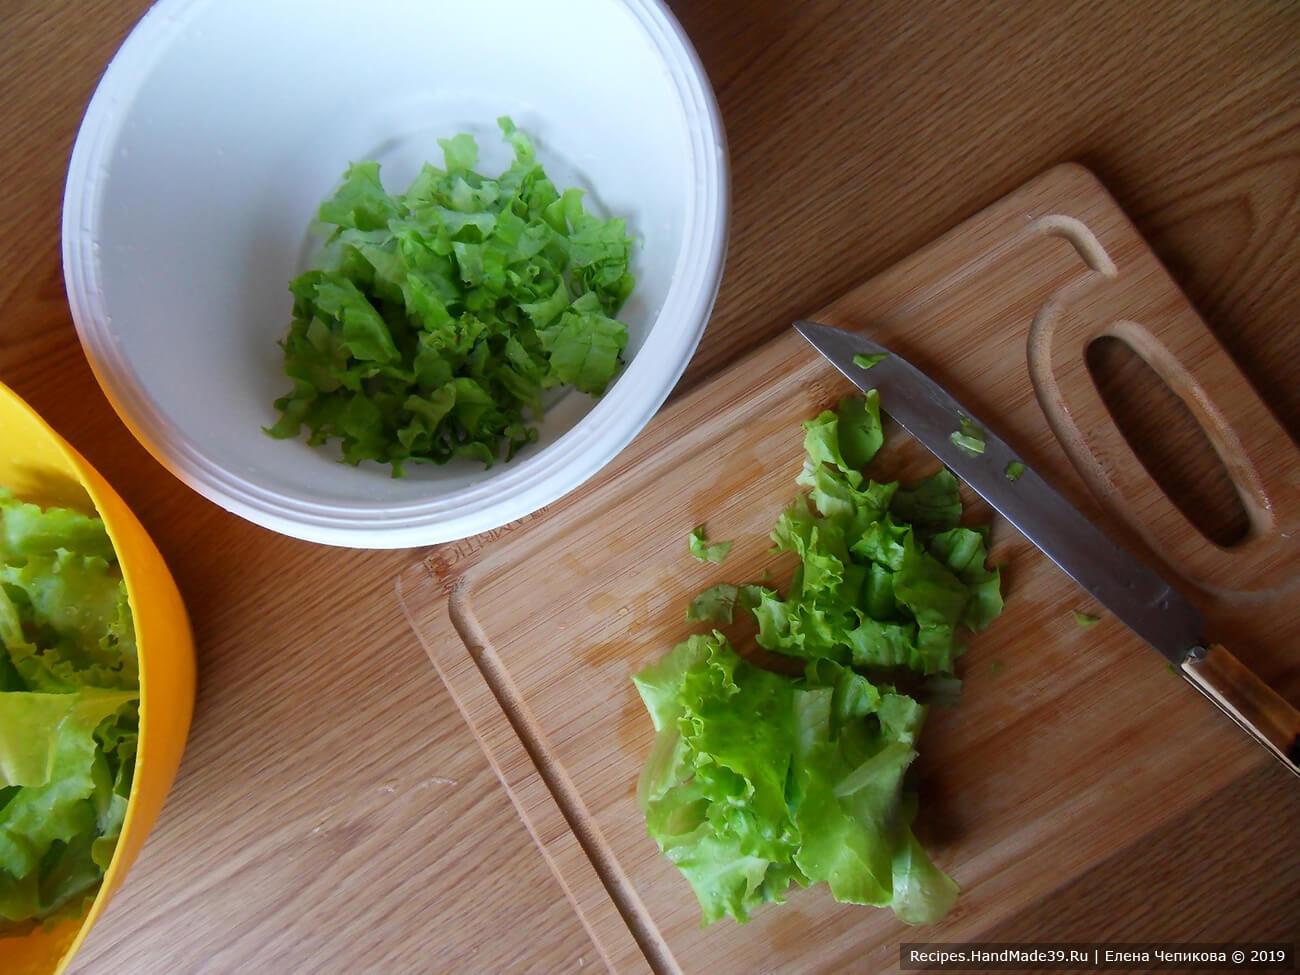 Зелёный салат (или пекинскую капусту) вымыть, стряхнуть воду. Нарезать полосками